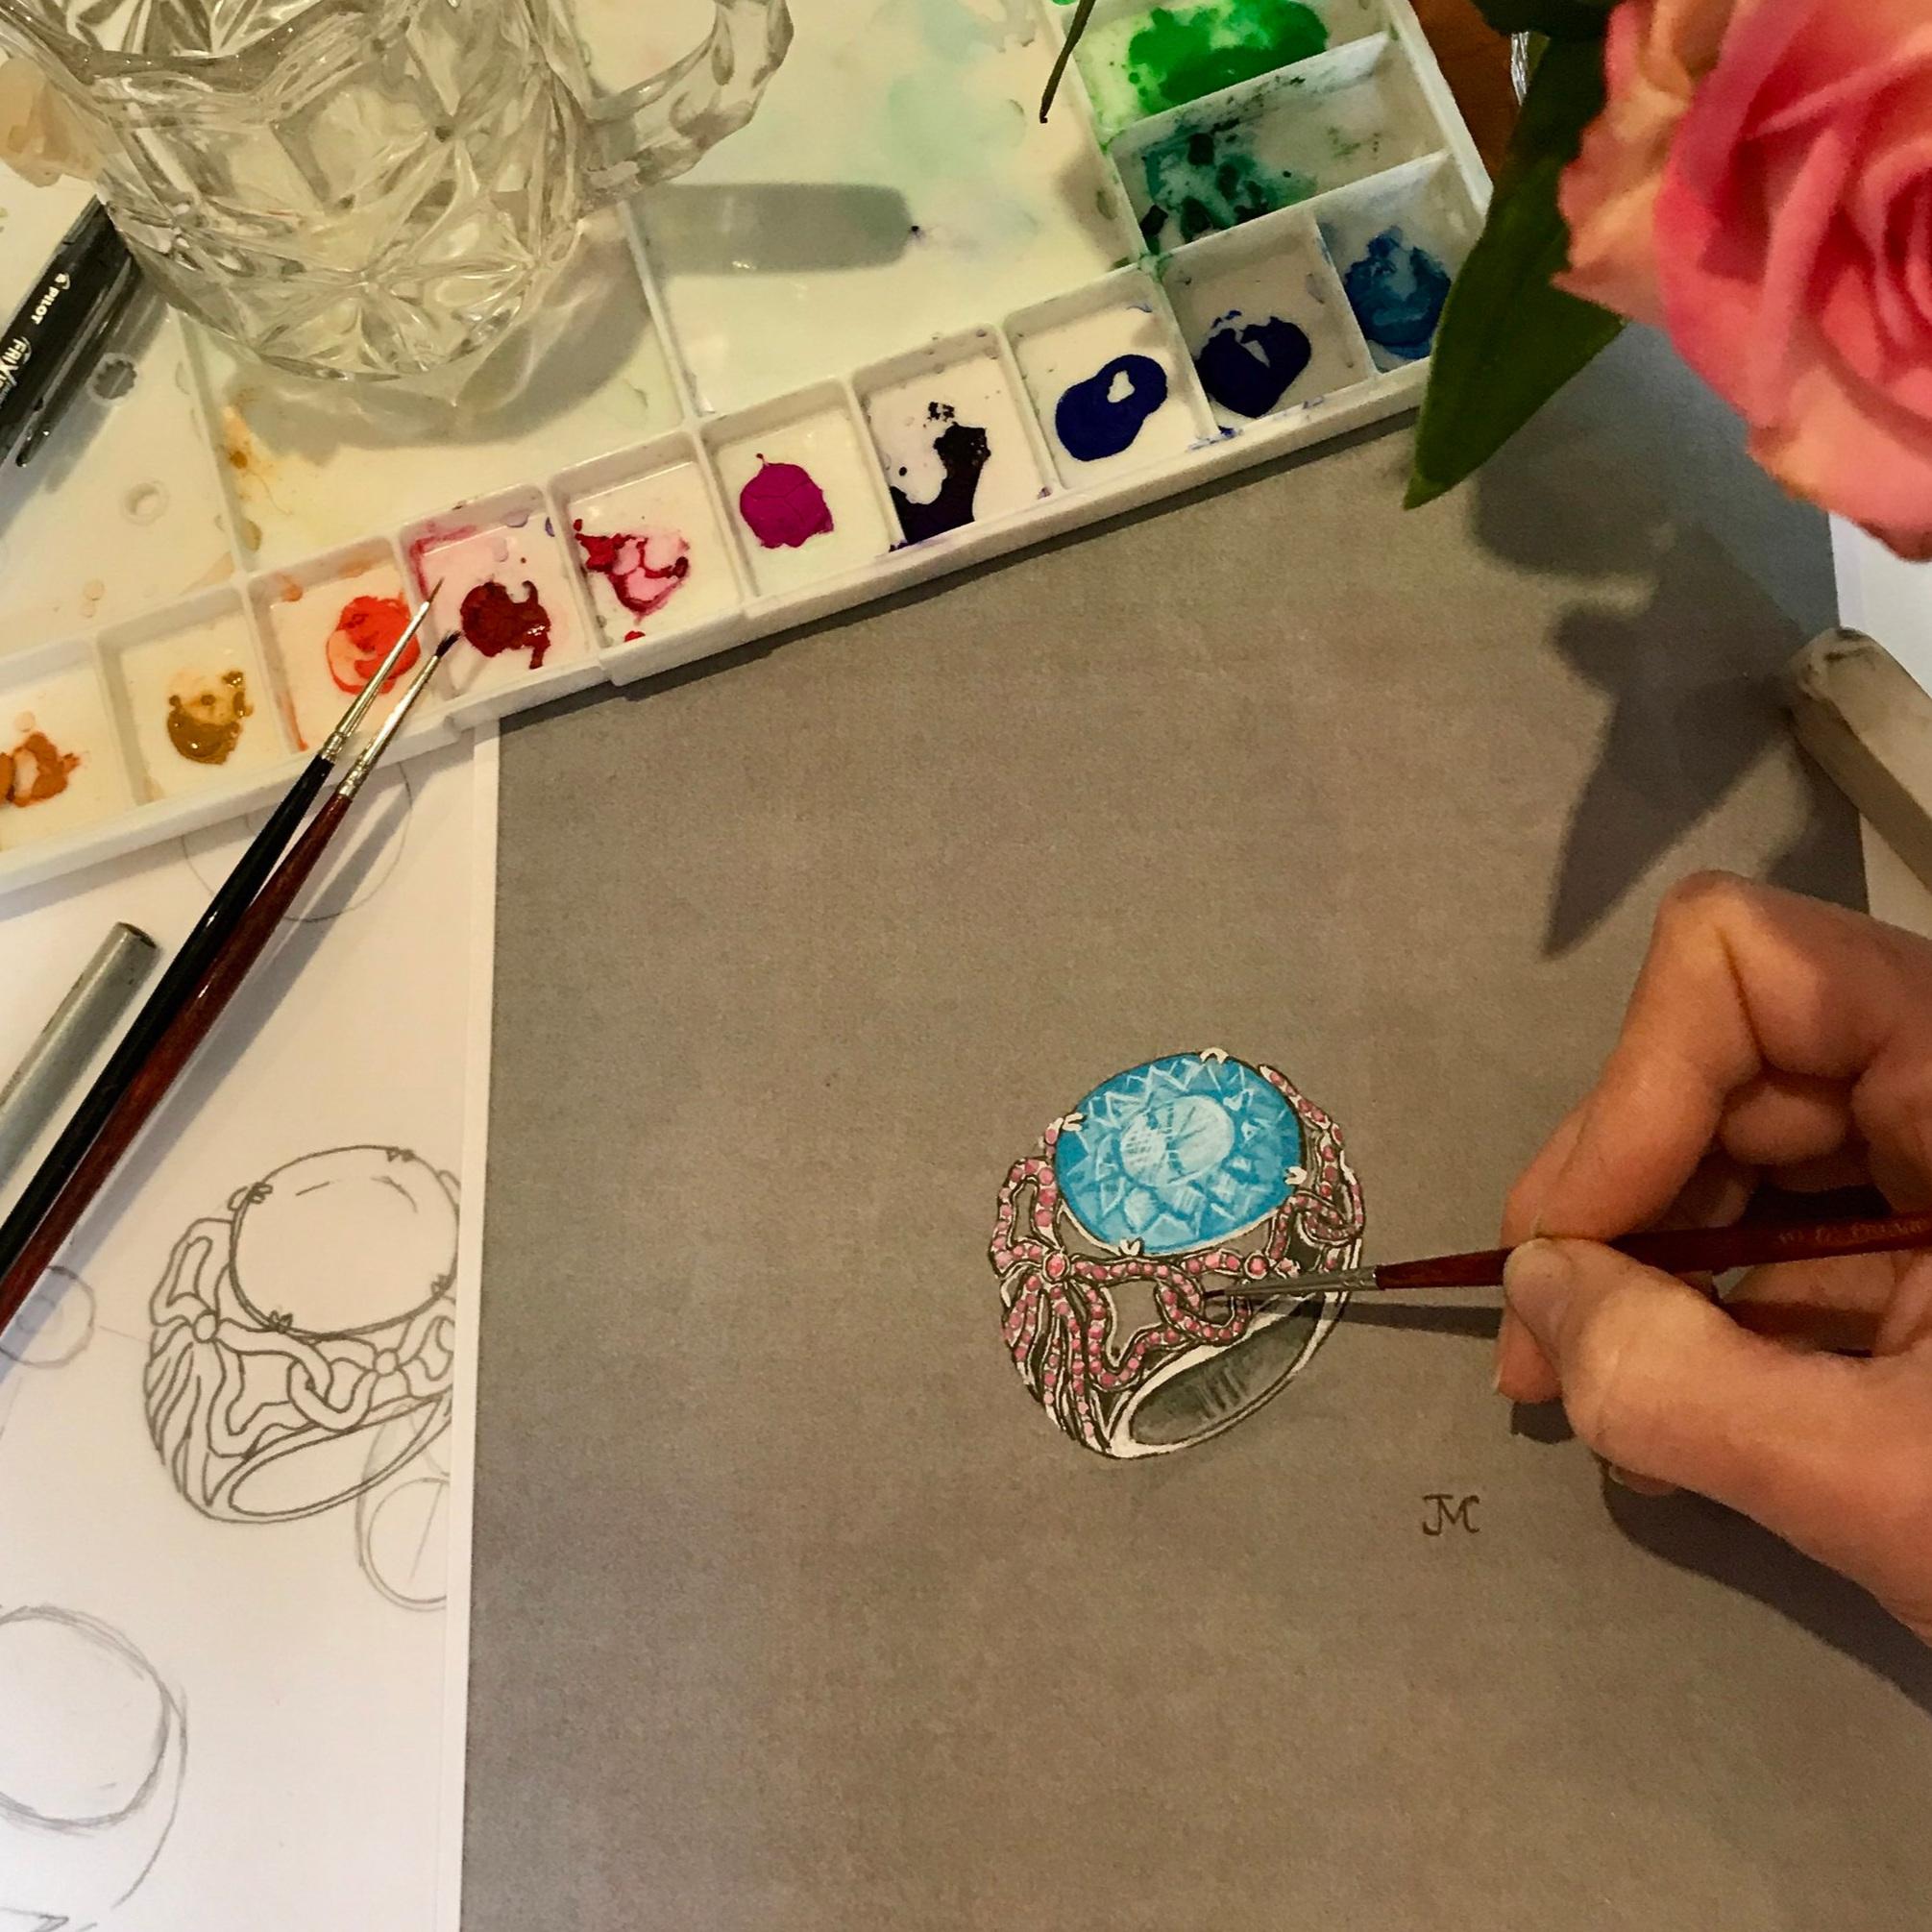 Hand+painting+photo.jpg